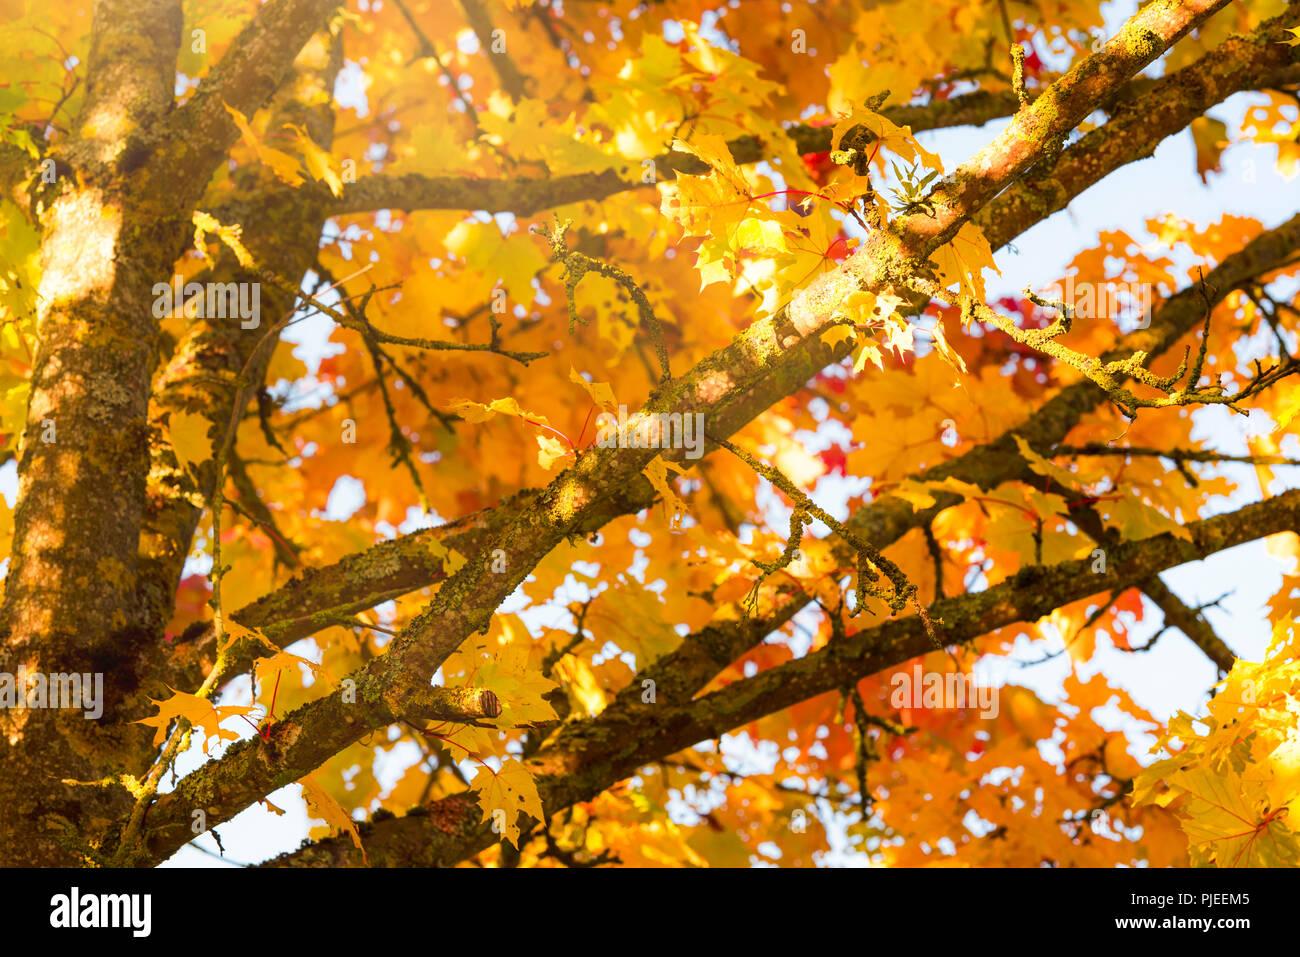 Close up image avec des branches d'arbre plein de feuilles jaunes et orange, baigné par un soleil chaud d'octobre. Un cadre ou un contexte pour l'automne des concepts. Photo Stock